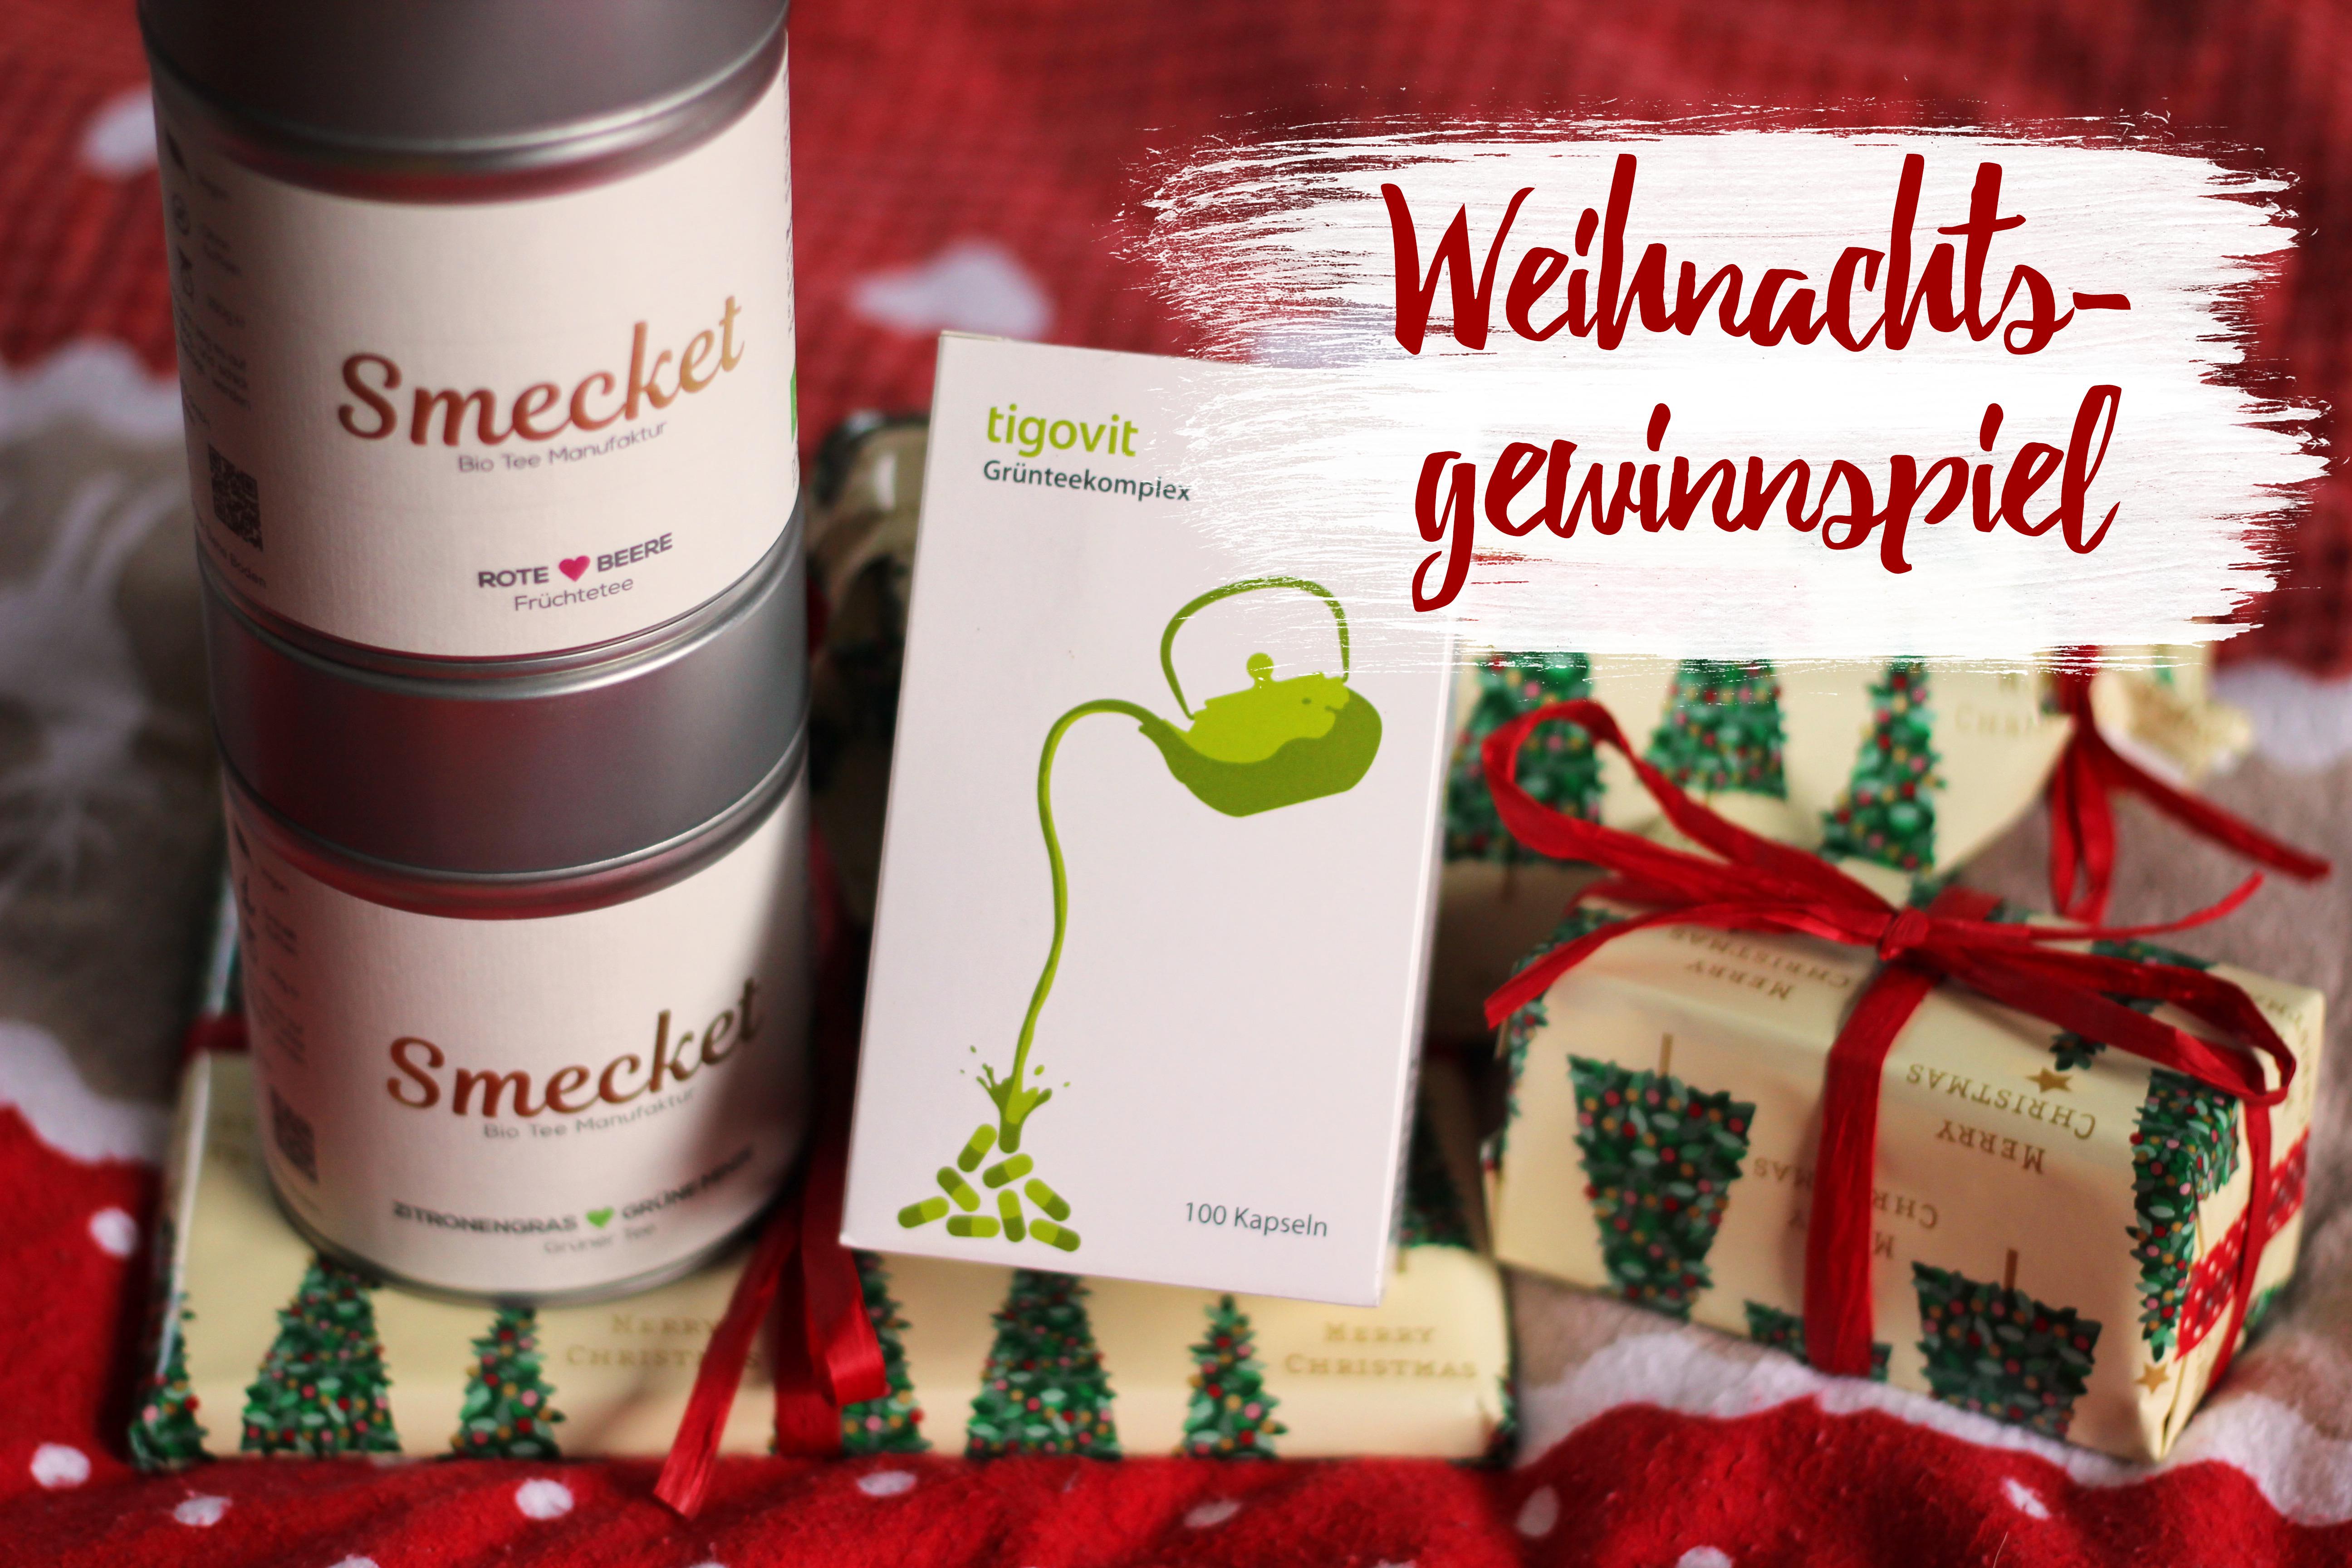 Tea Talk: Smecket und Tigovit – Weihnachtsgewinnspiel